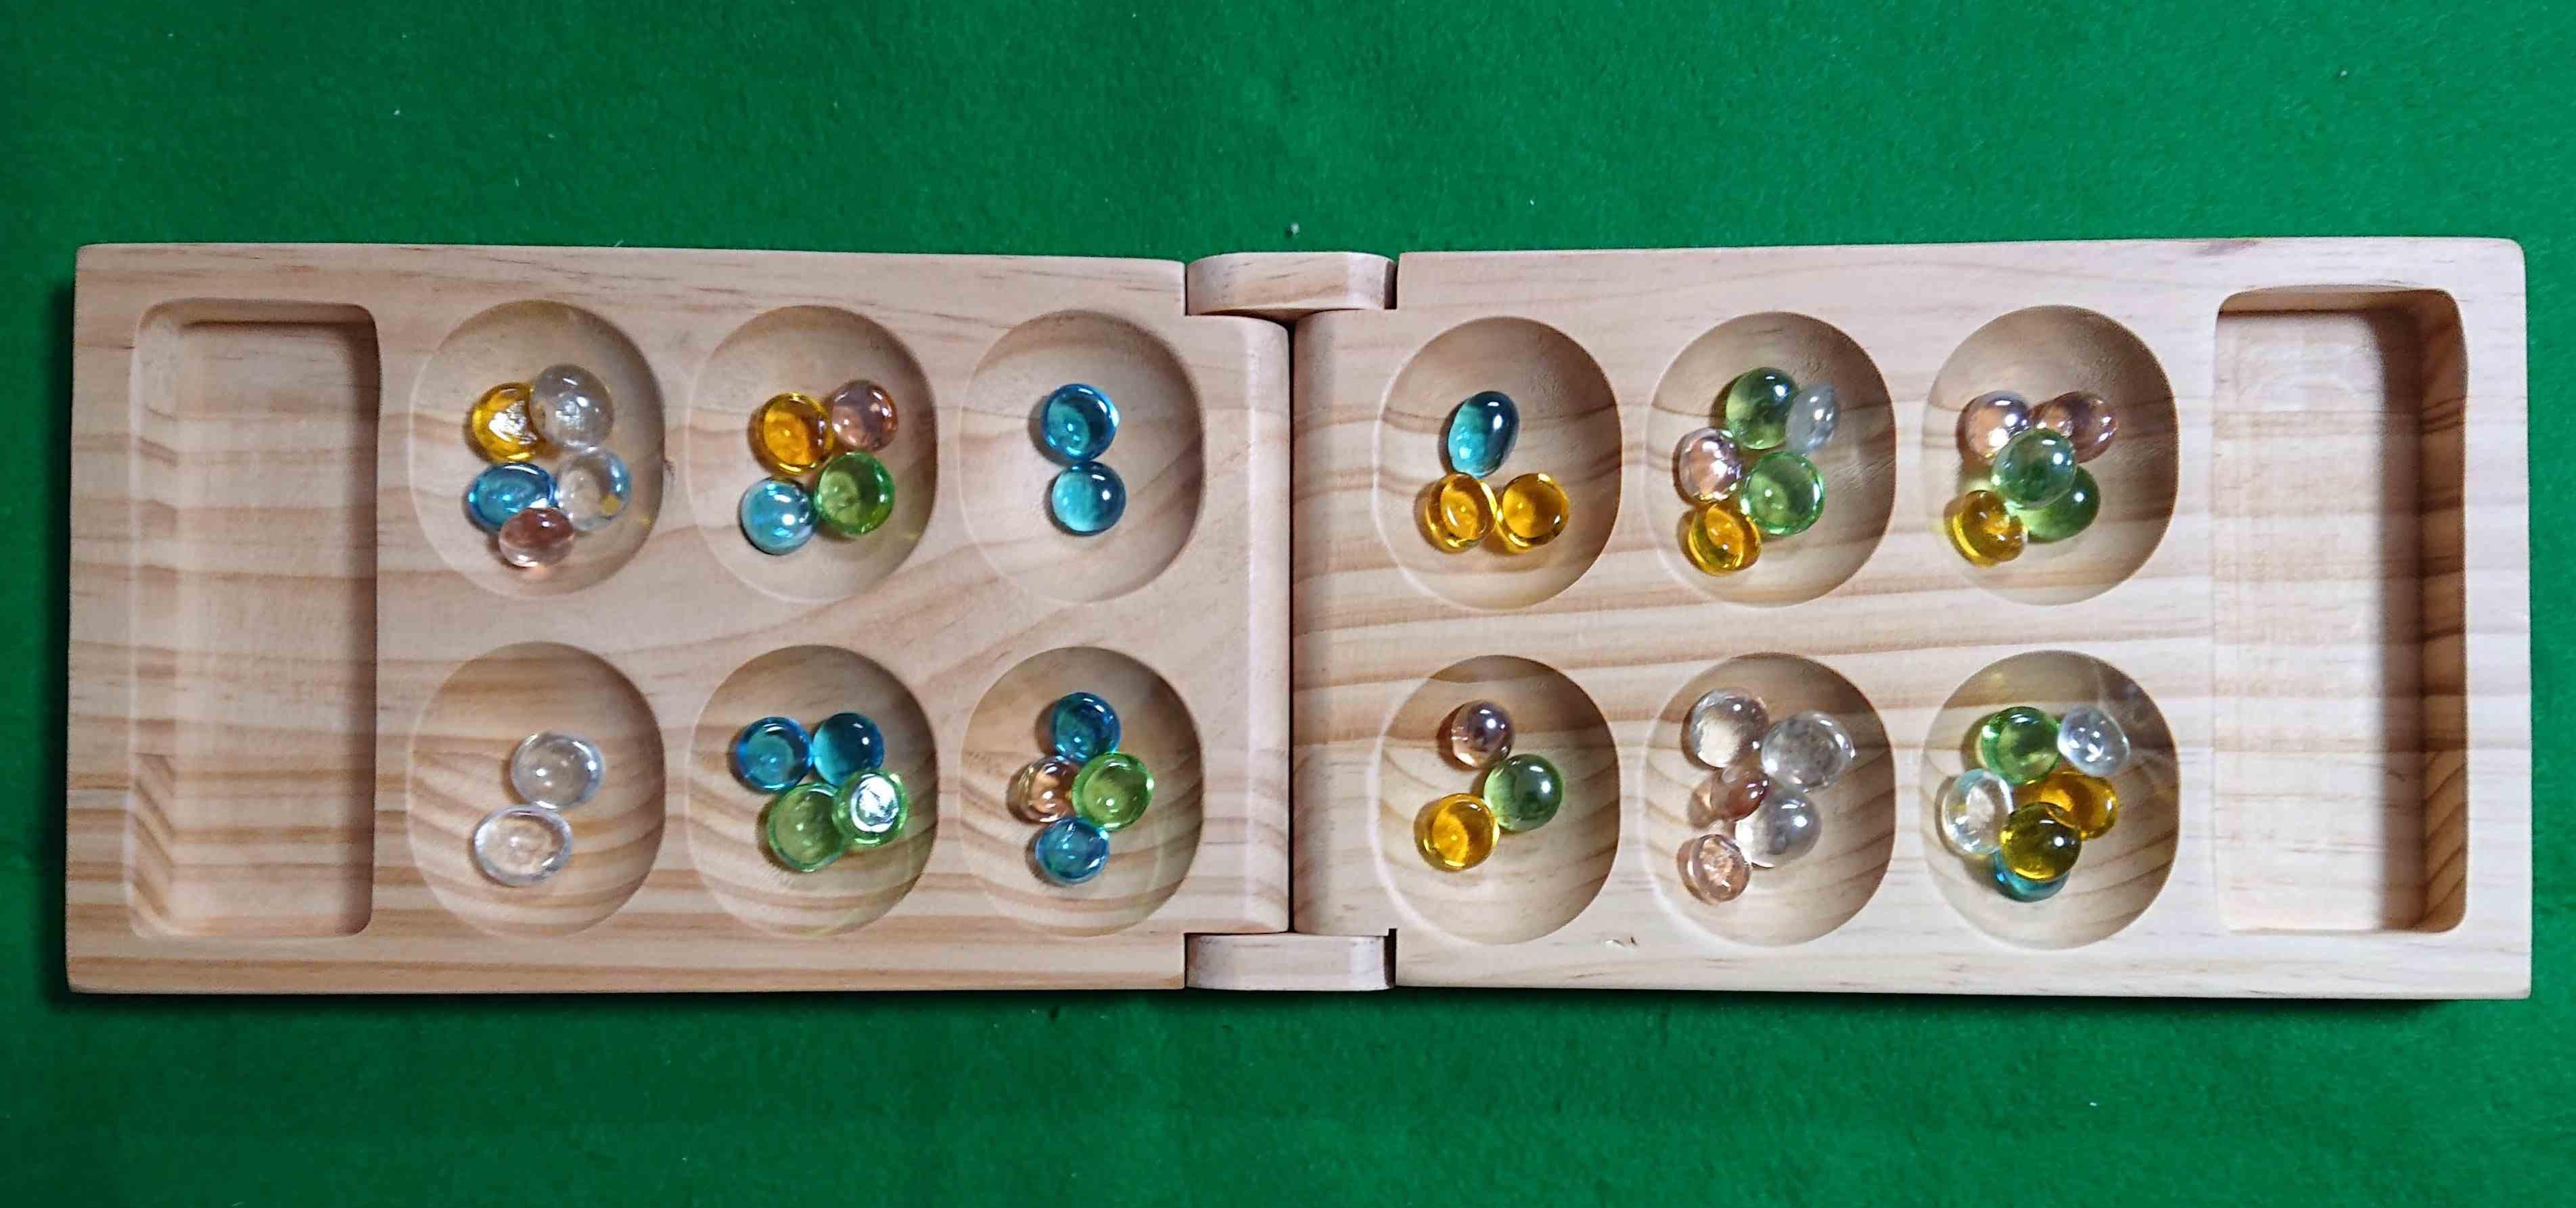 マンカラ カラハ 伝統のボードゲーム ルールはシンプル 子供の知育にも役立ちそうです!